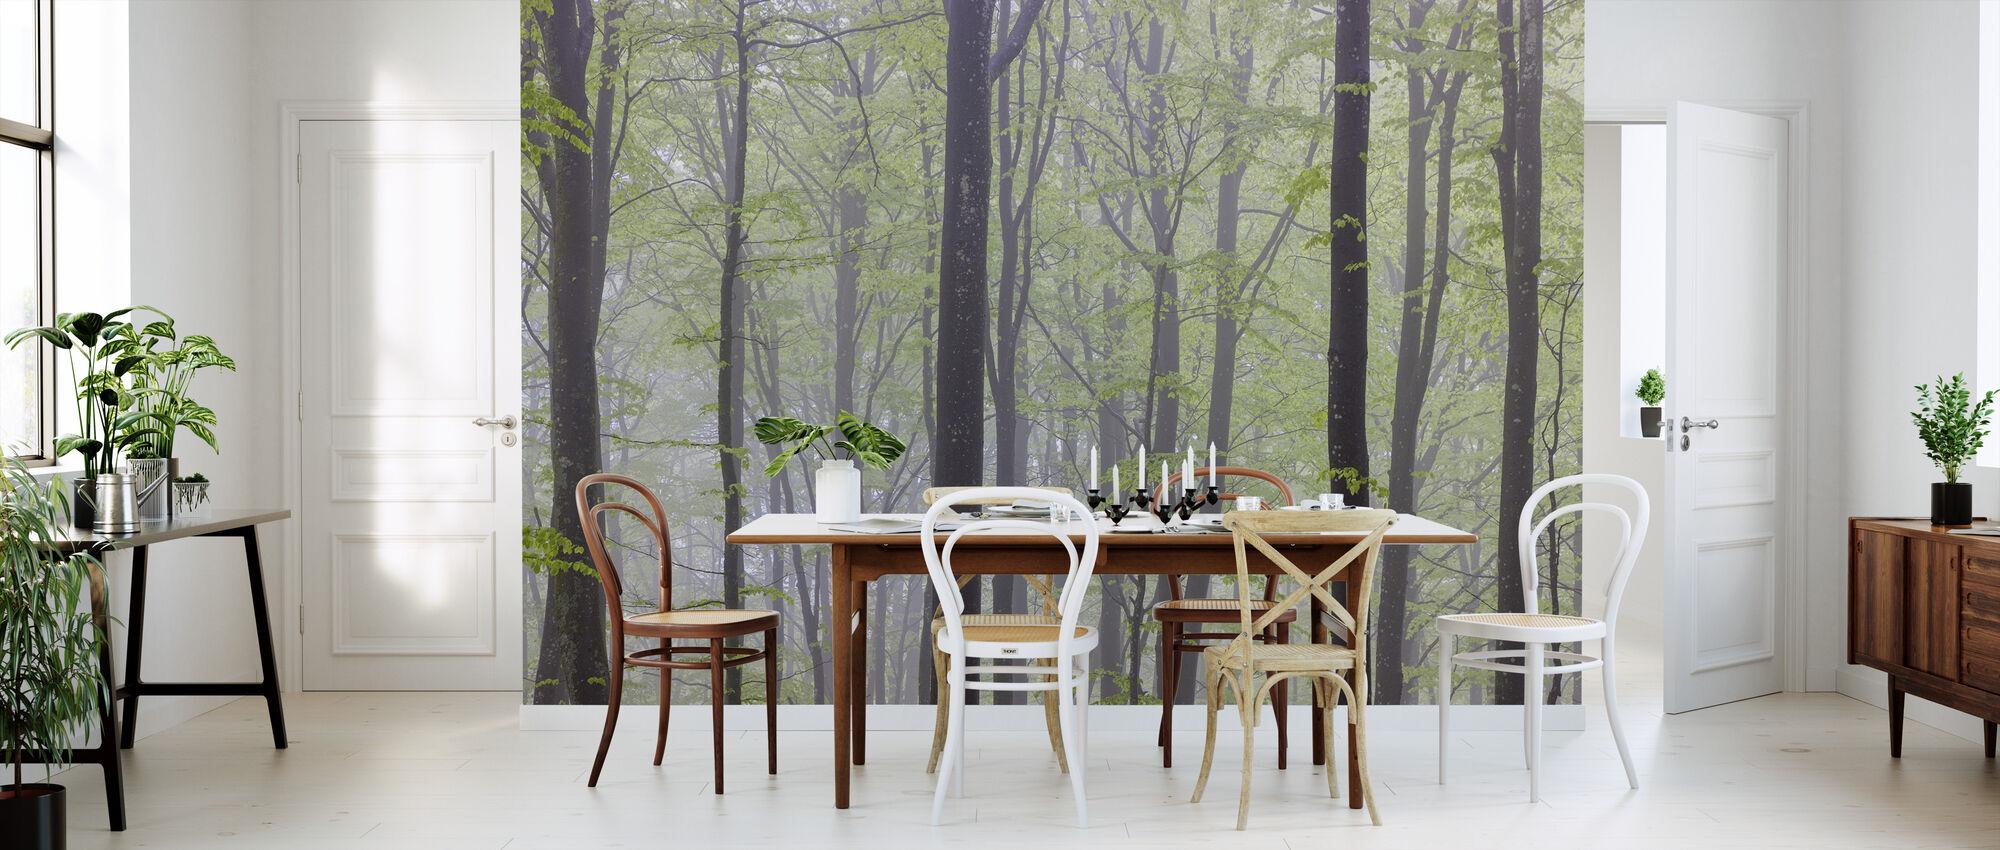 Misty Beech Forest - Wallpaper - Kitchen